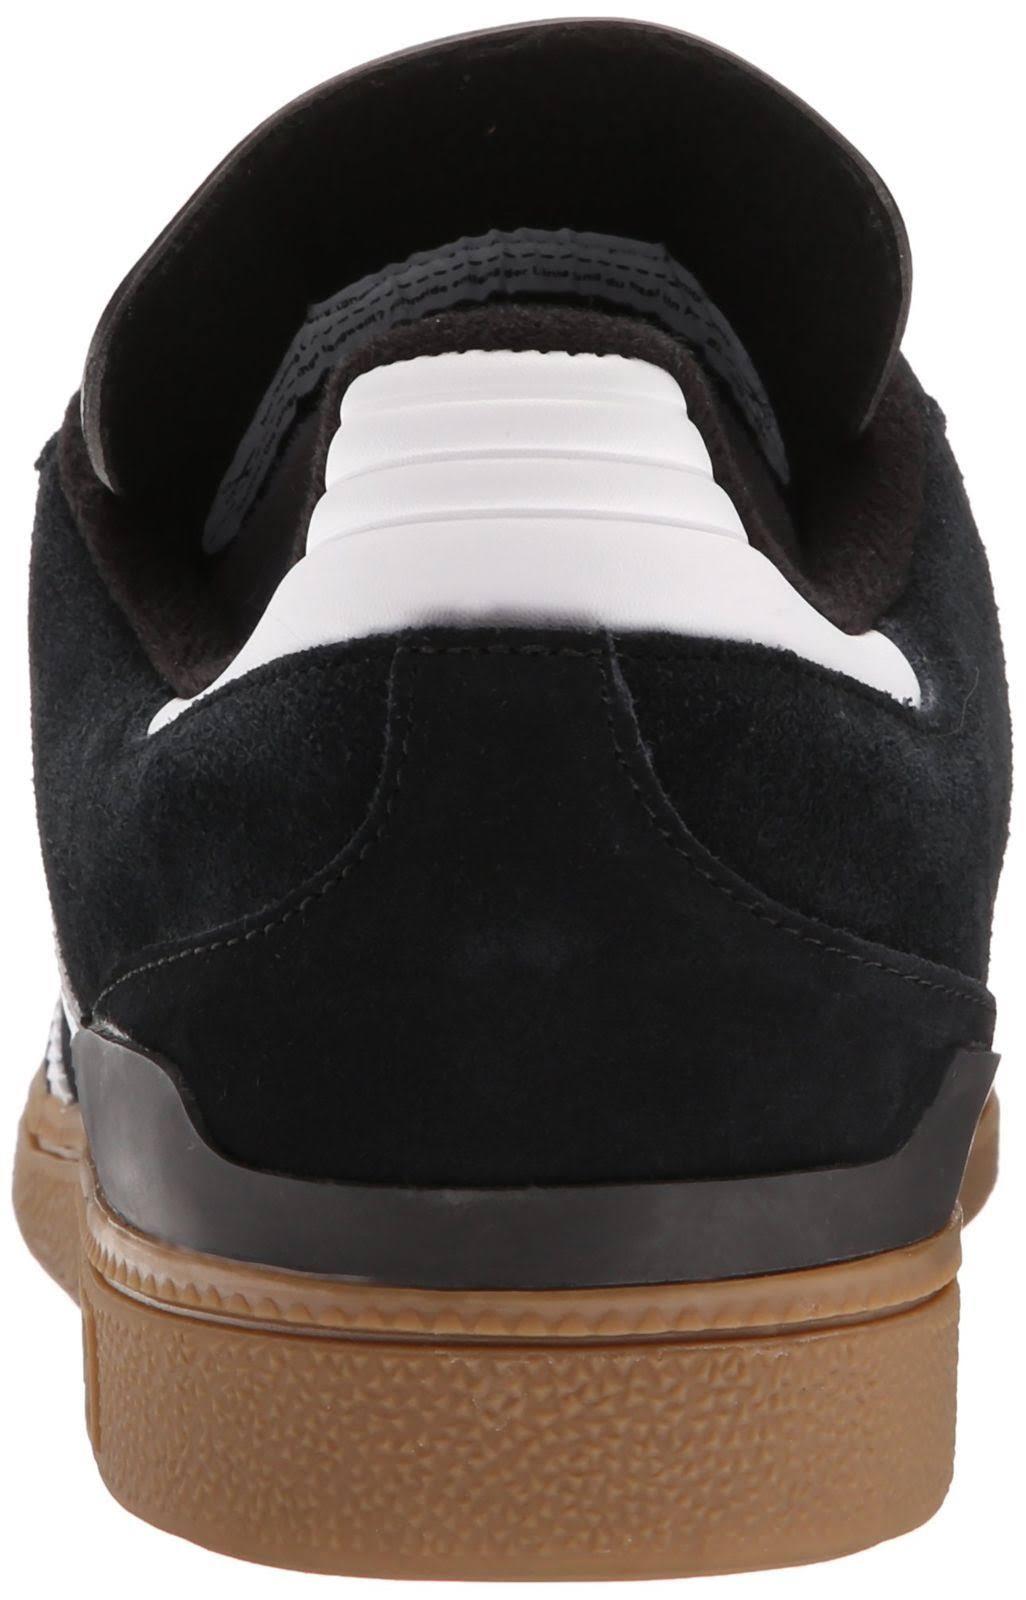 Adidas Herrenschuhe G48060 Originals 12 Busenitz Größe rgqArxHz